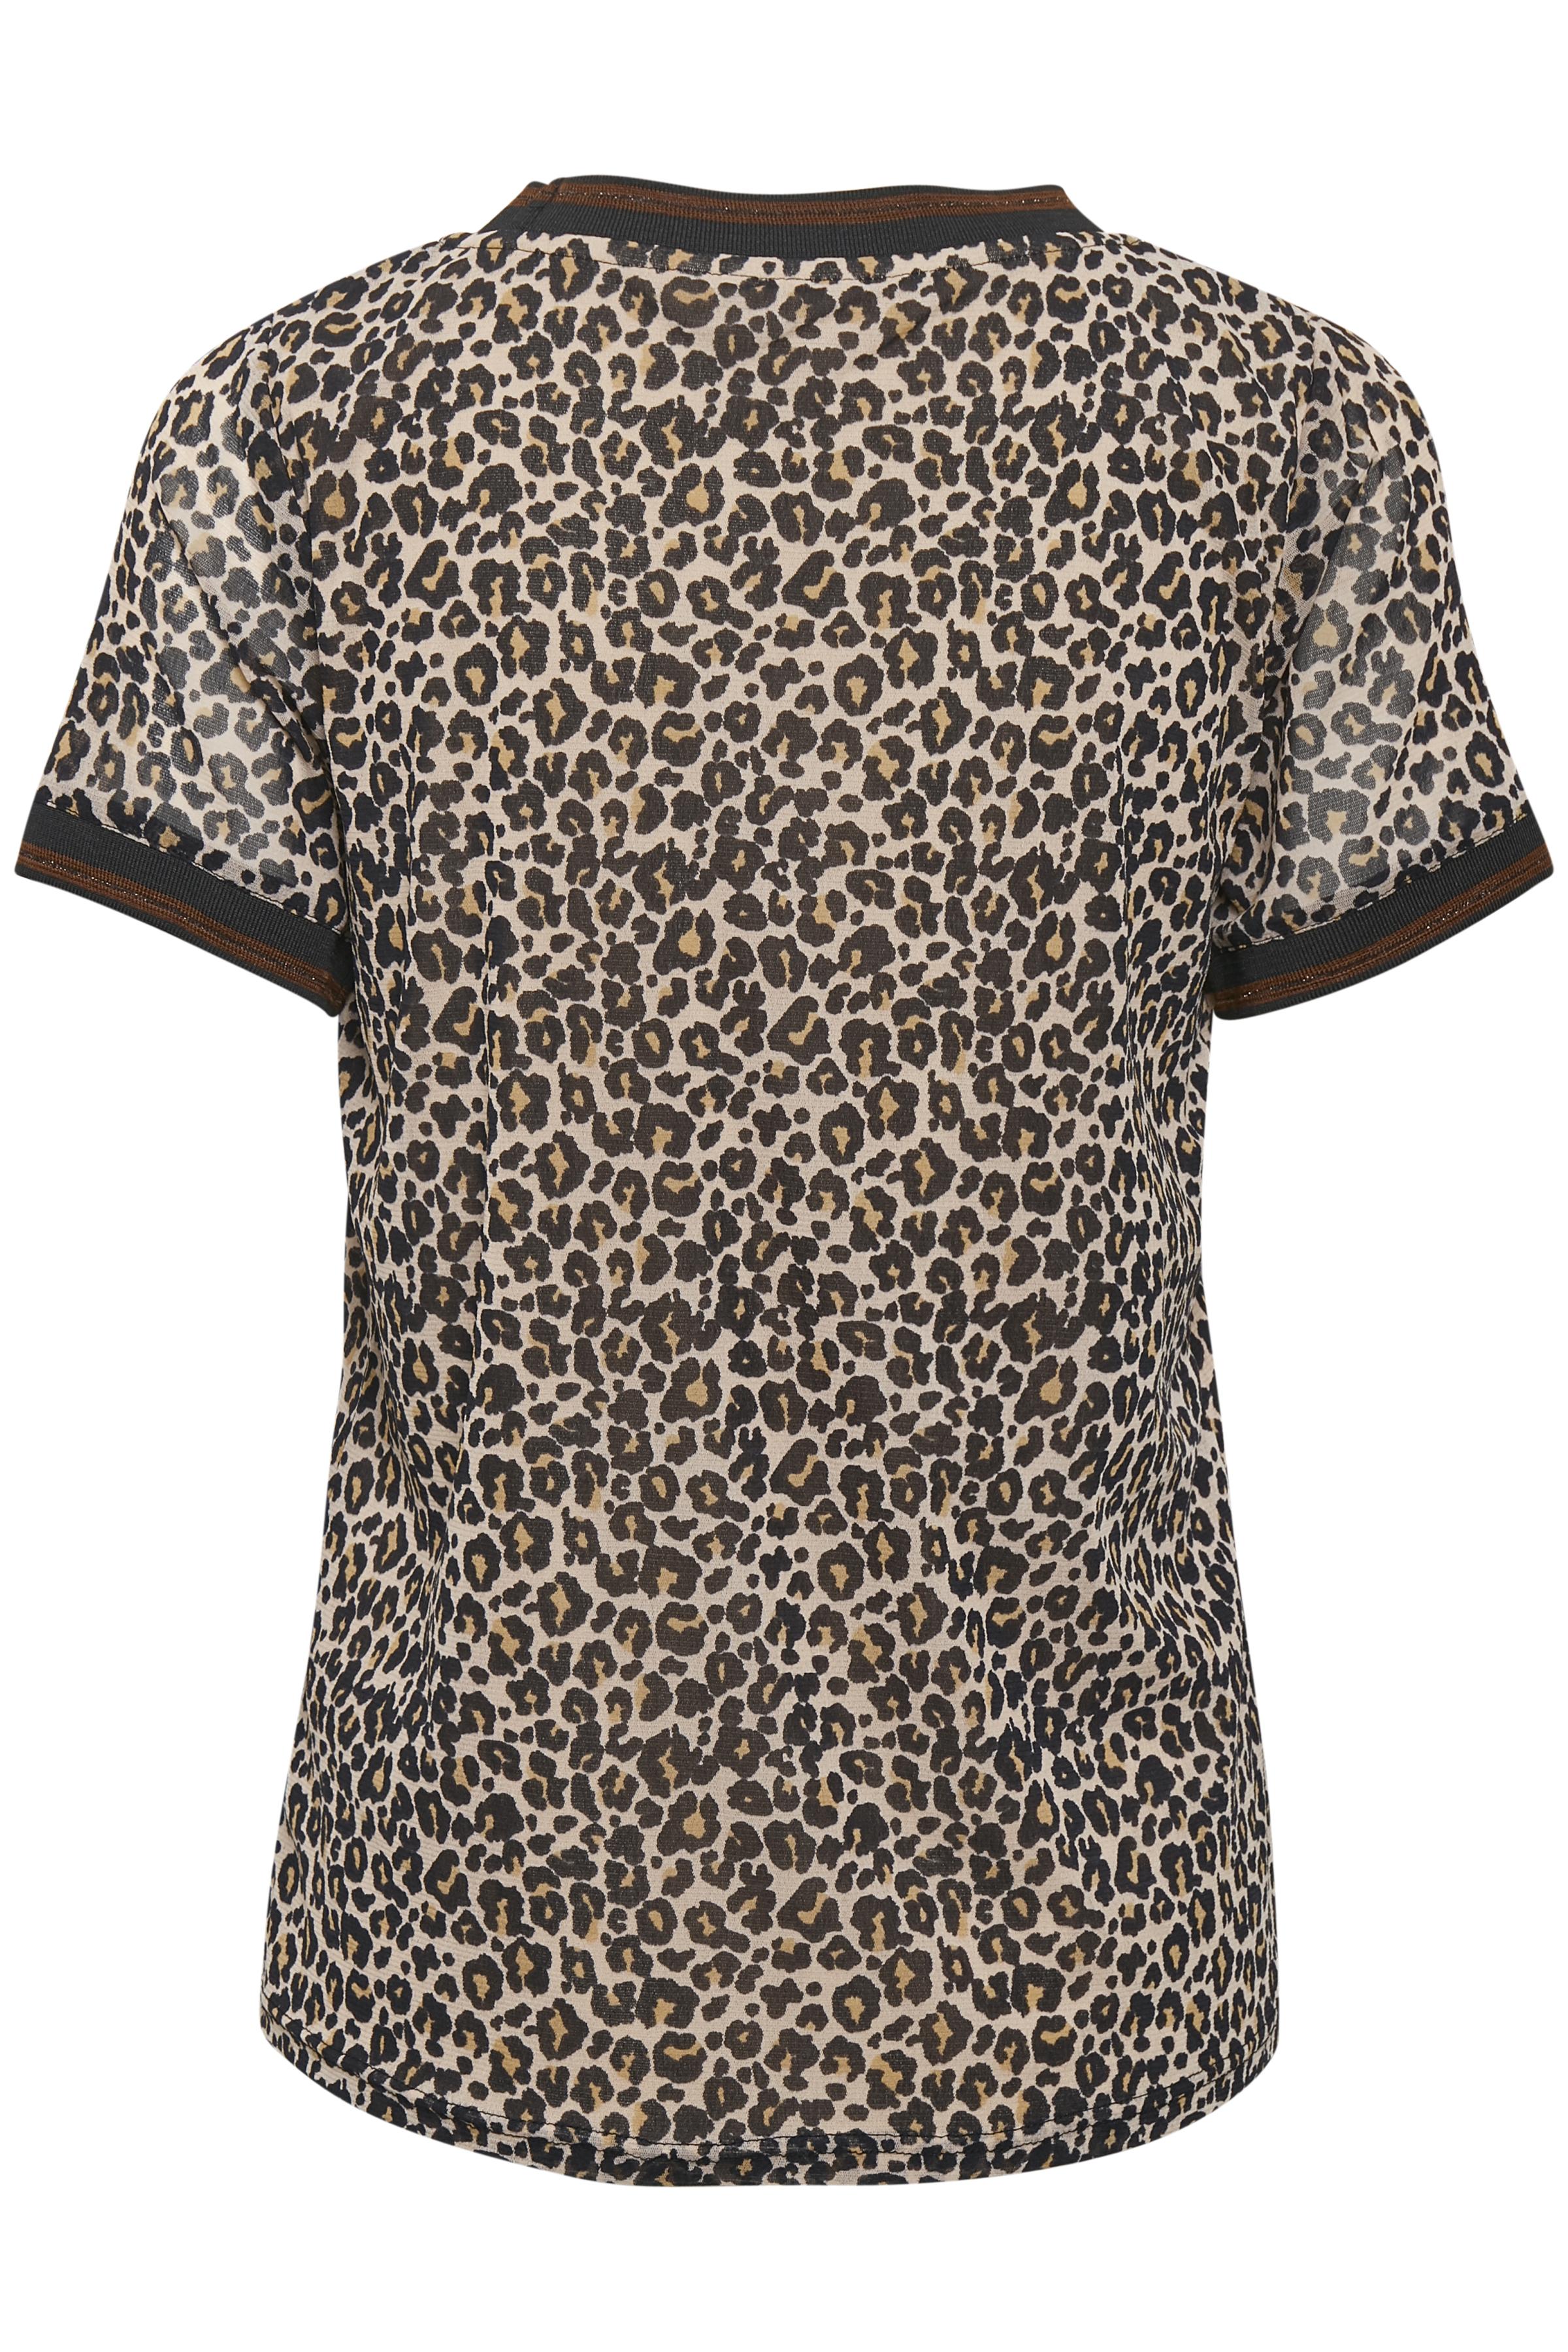 Schwarz/sand Kurzarm-Bluse von Bon'A Parte – Shoppen Sie Schwarz/sand Kurzarm-Bluse ab Gr. S-2XL hier